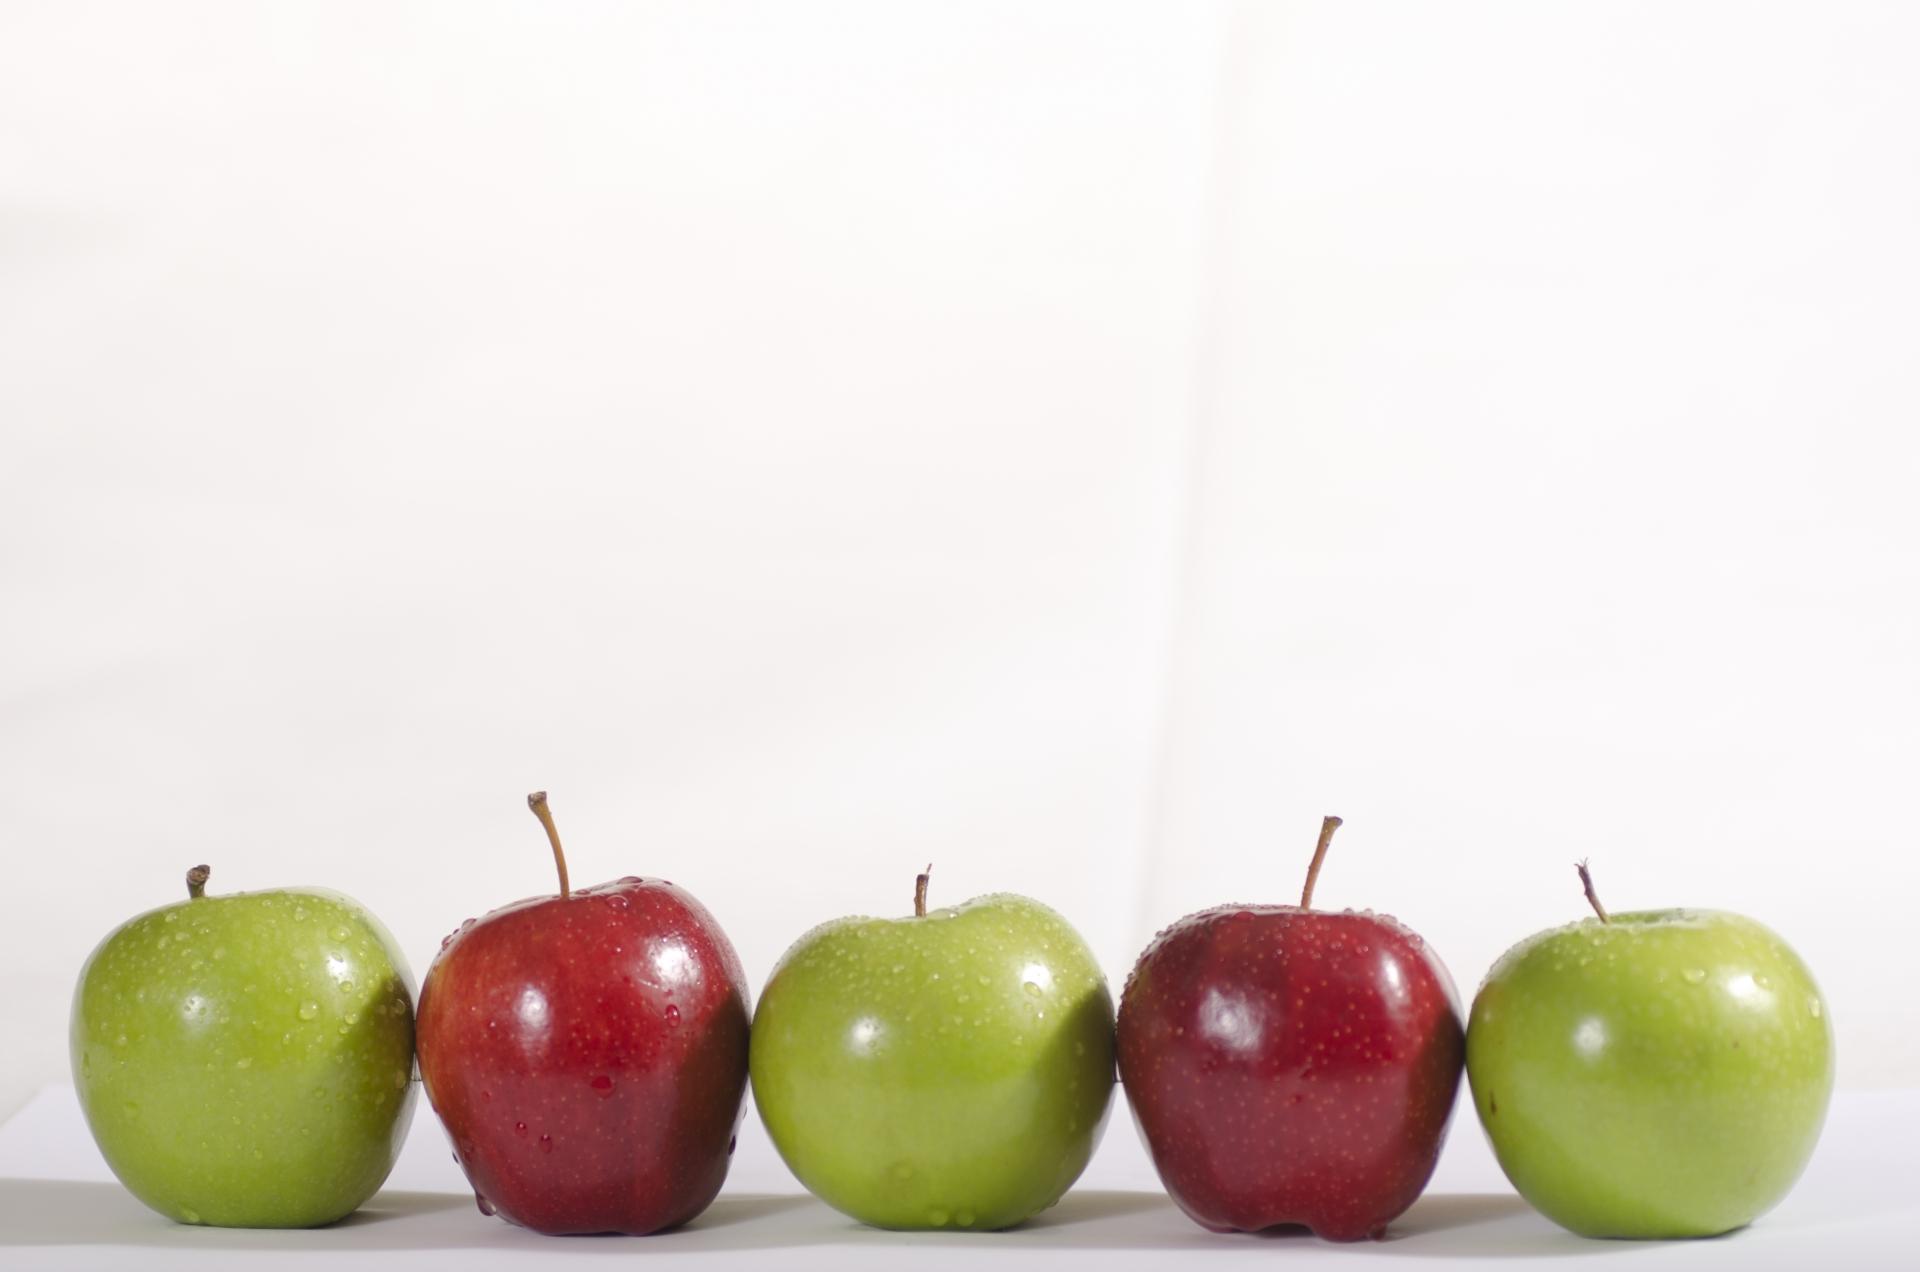 育毛効果的にりんごを摂取するコツ